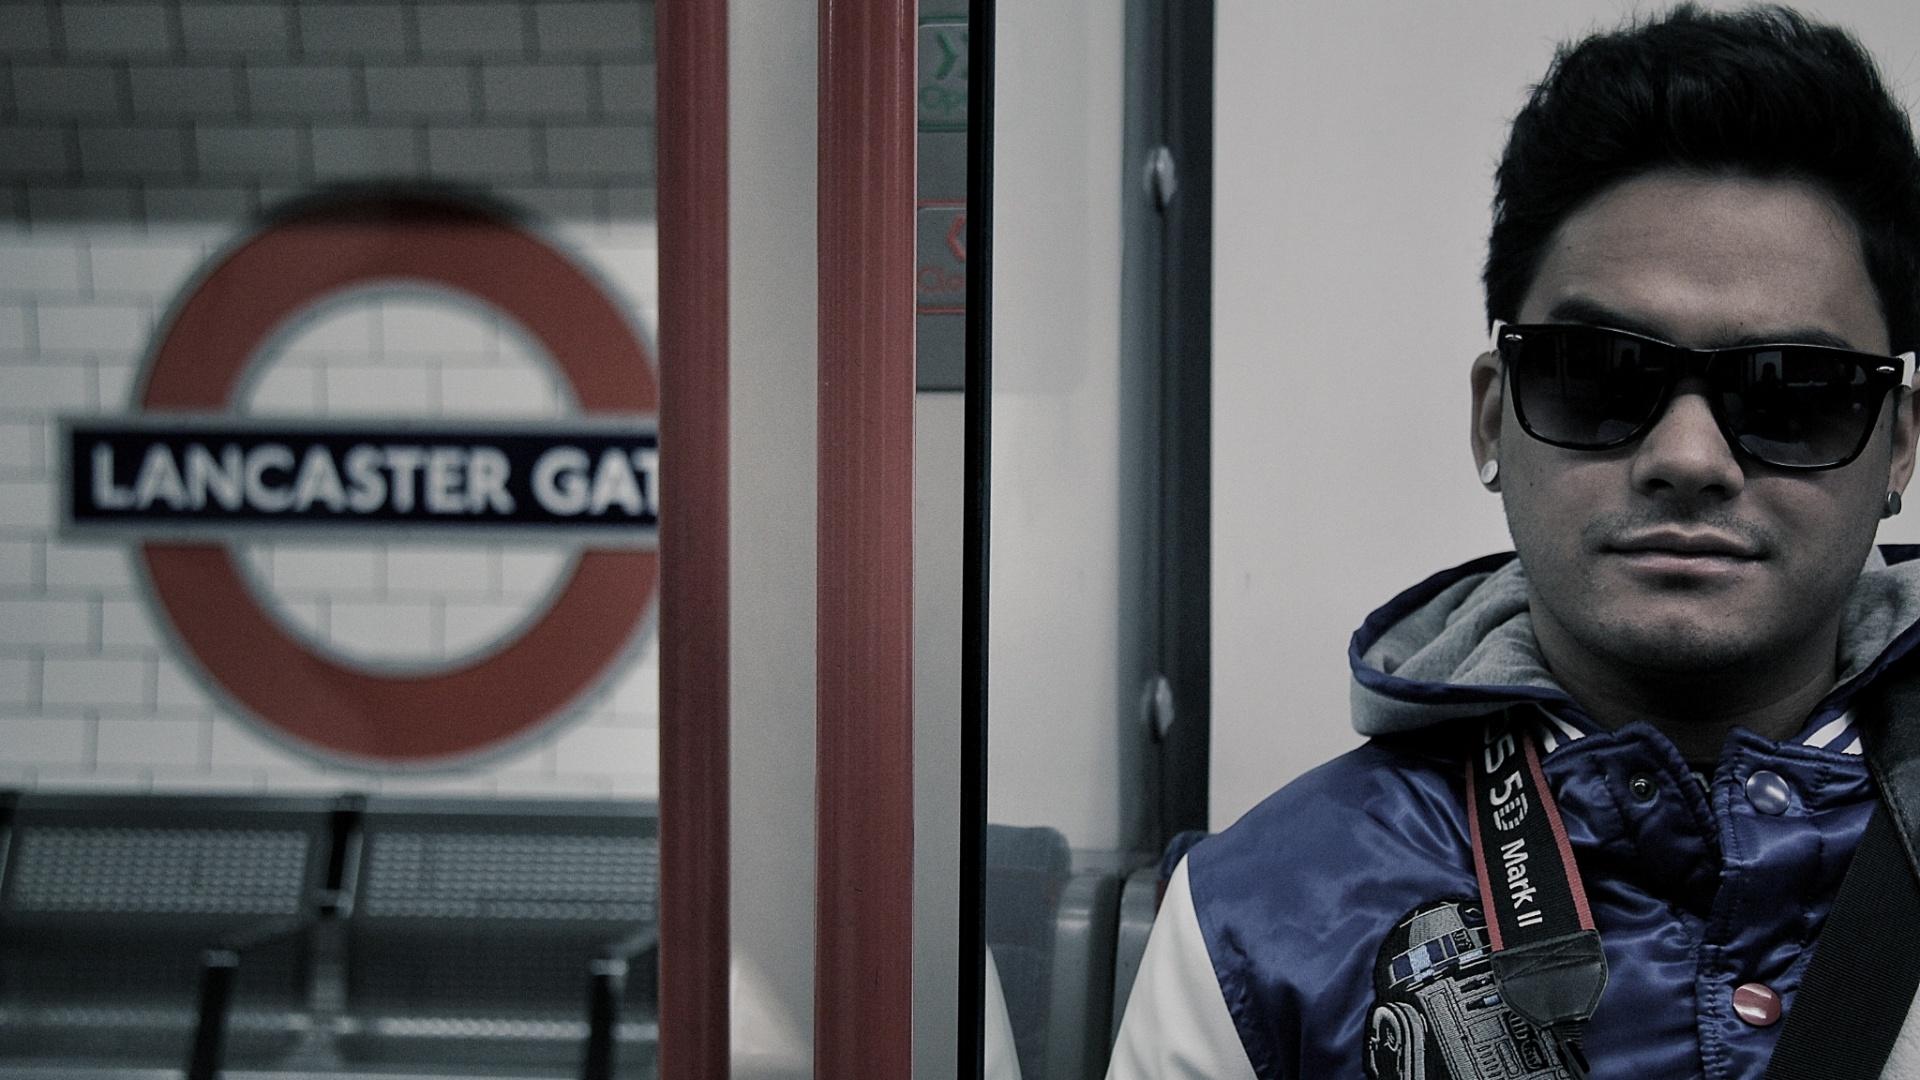 jan.2013 Koba, do Restart, posa para foto na estação Lancaster Gate em Londres durante férias na Europa